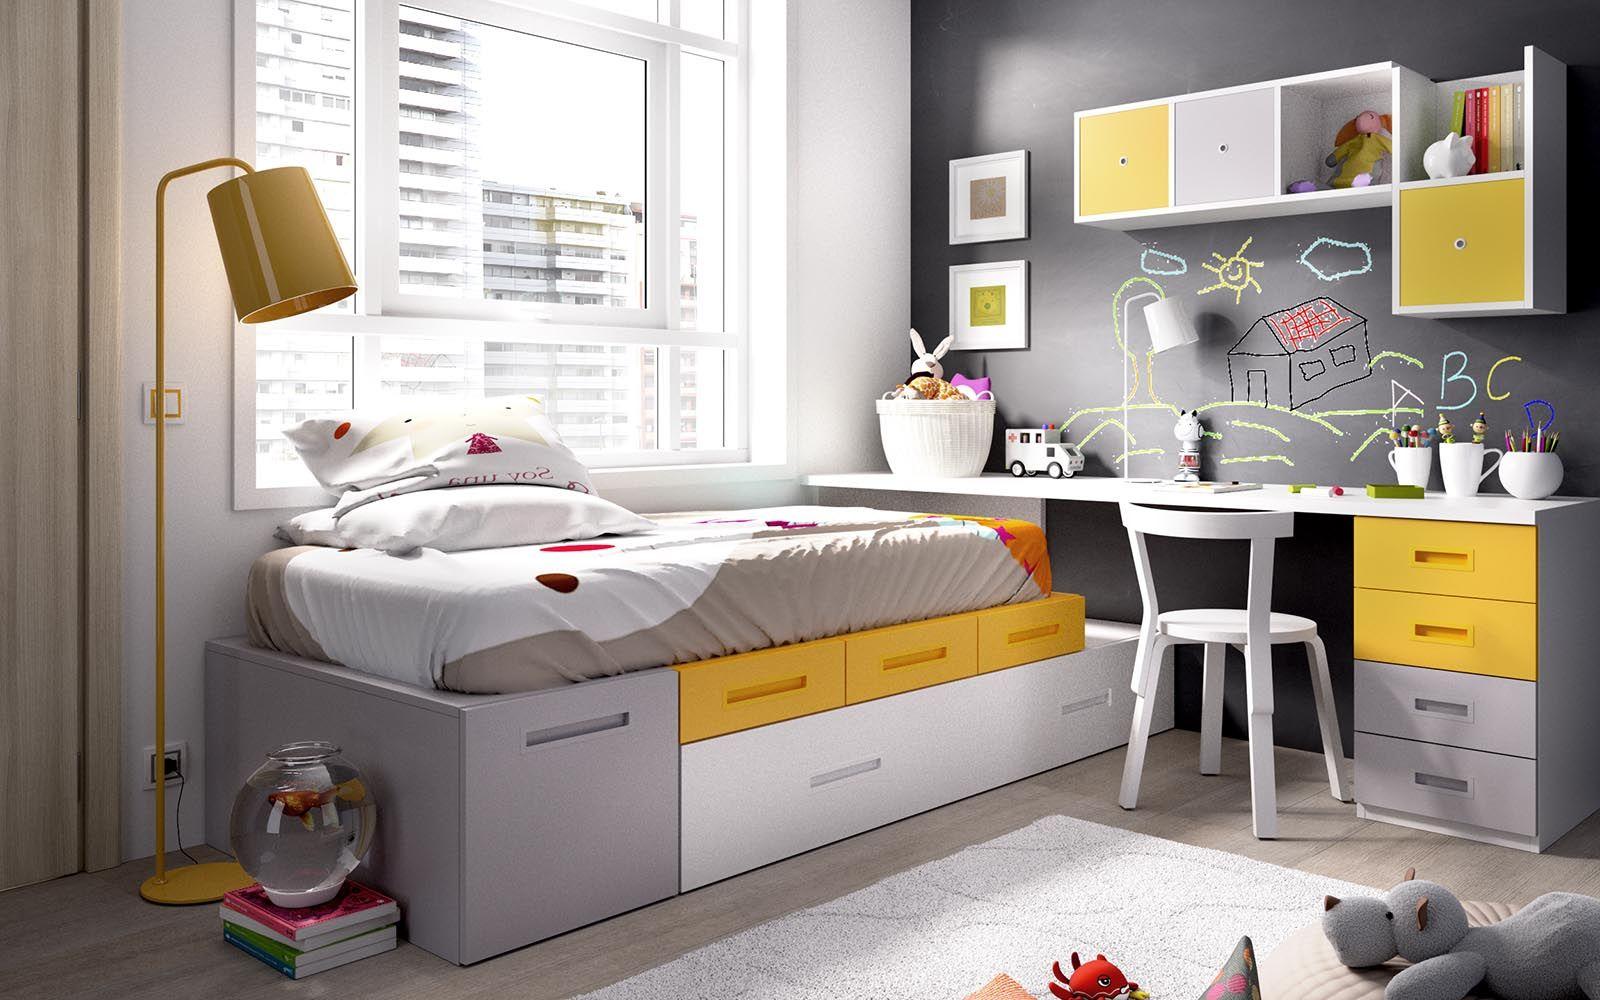 Dormitorio Juvenil. Con gran capacidad. Dormitorios ...